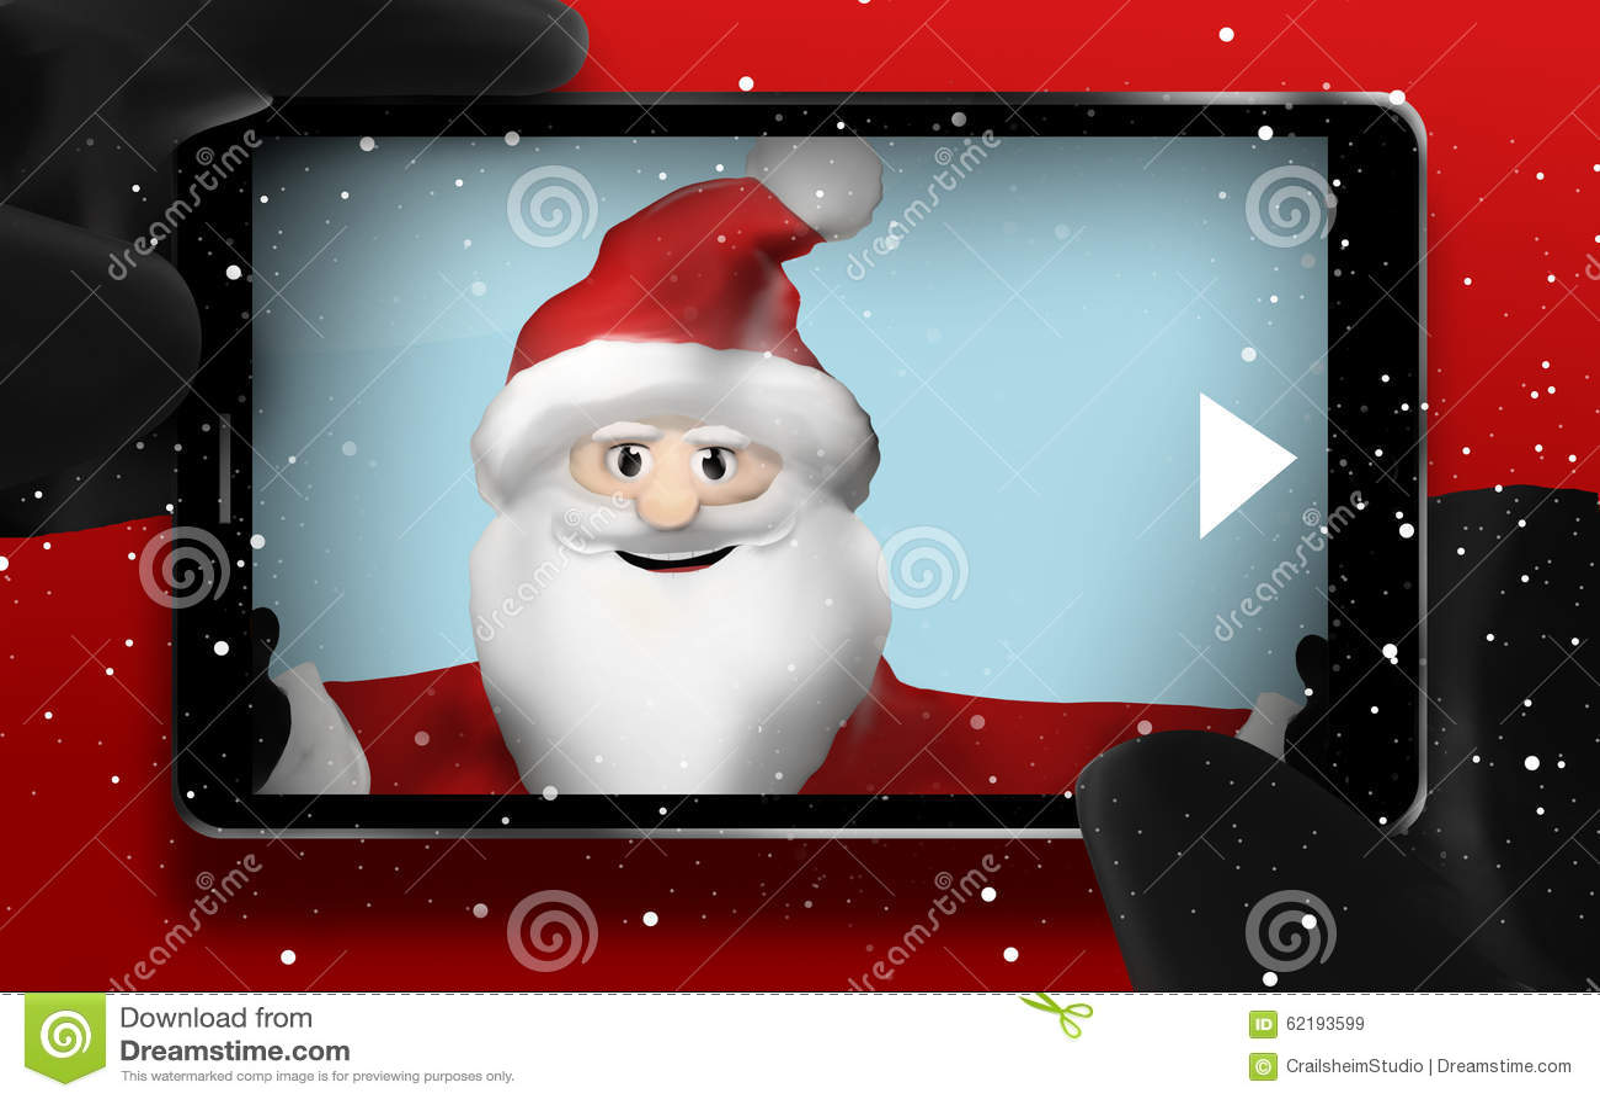 Téléphone Portable De Point De Vue De Santa Claus Browsing Selfie